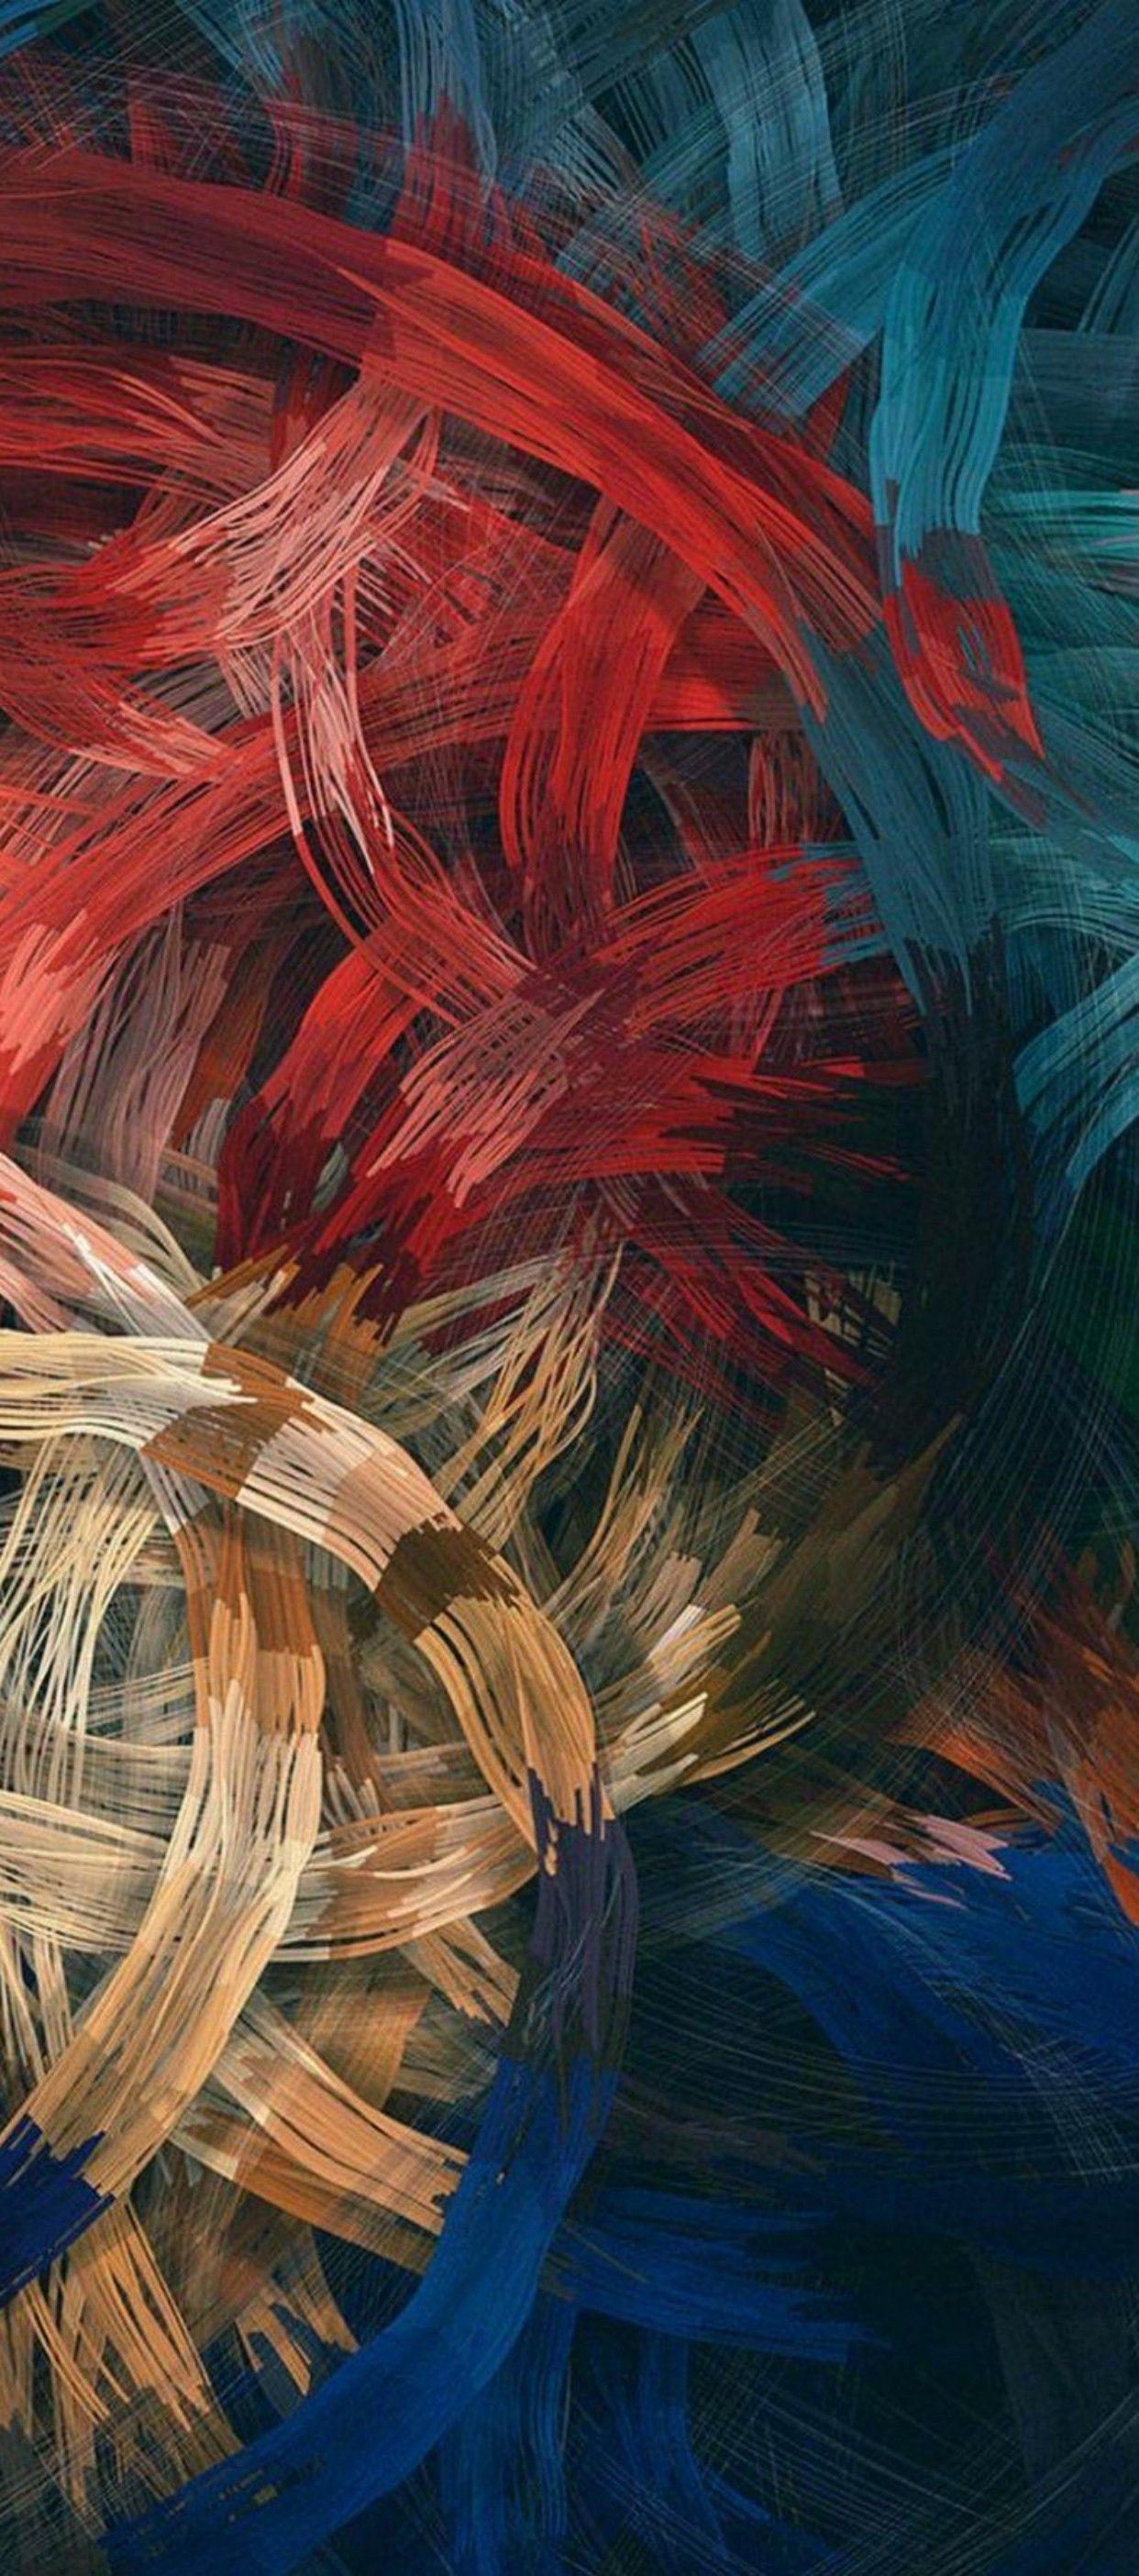 Samsung Galaxy A70 Wallpaper 4k 1242x2809 Download Hd Wallpaper Wallpapertip